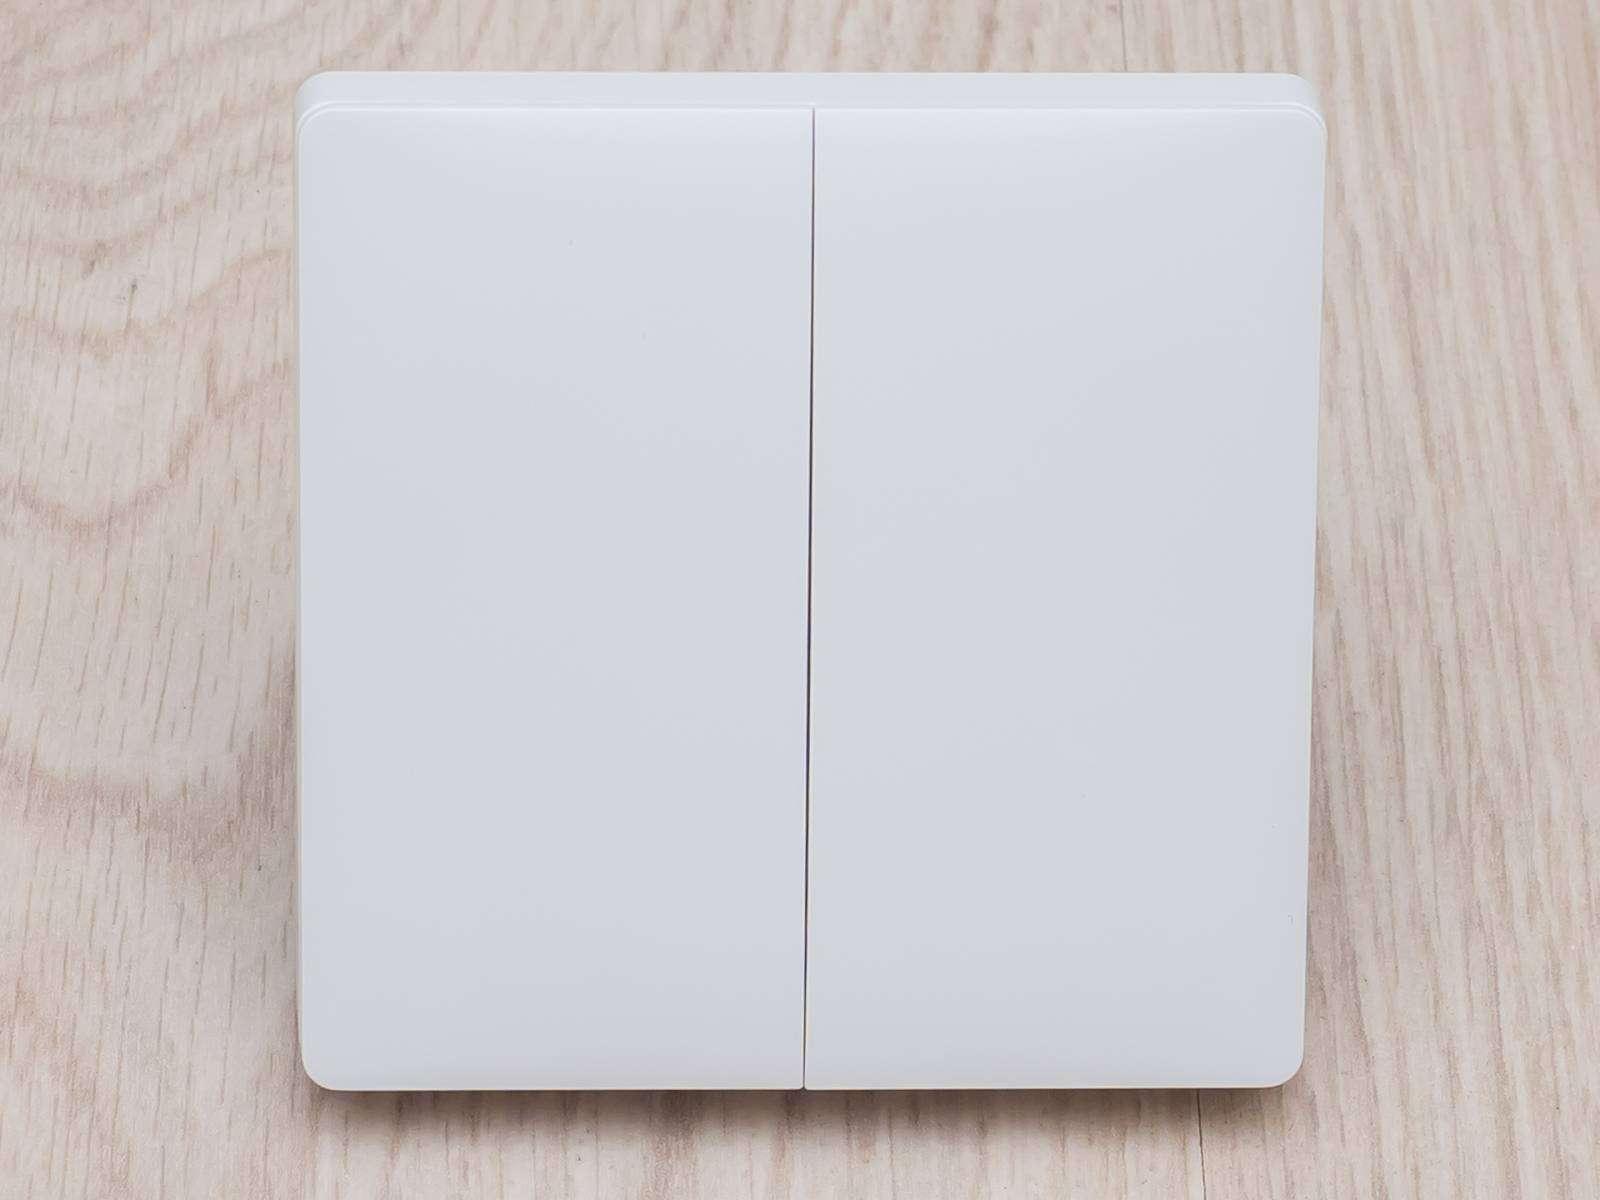 Aliexpress: Двухкнопочный встраиваемый проводной выключатель Aqara для системы Xiaomi Mi Home